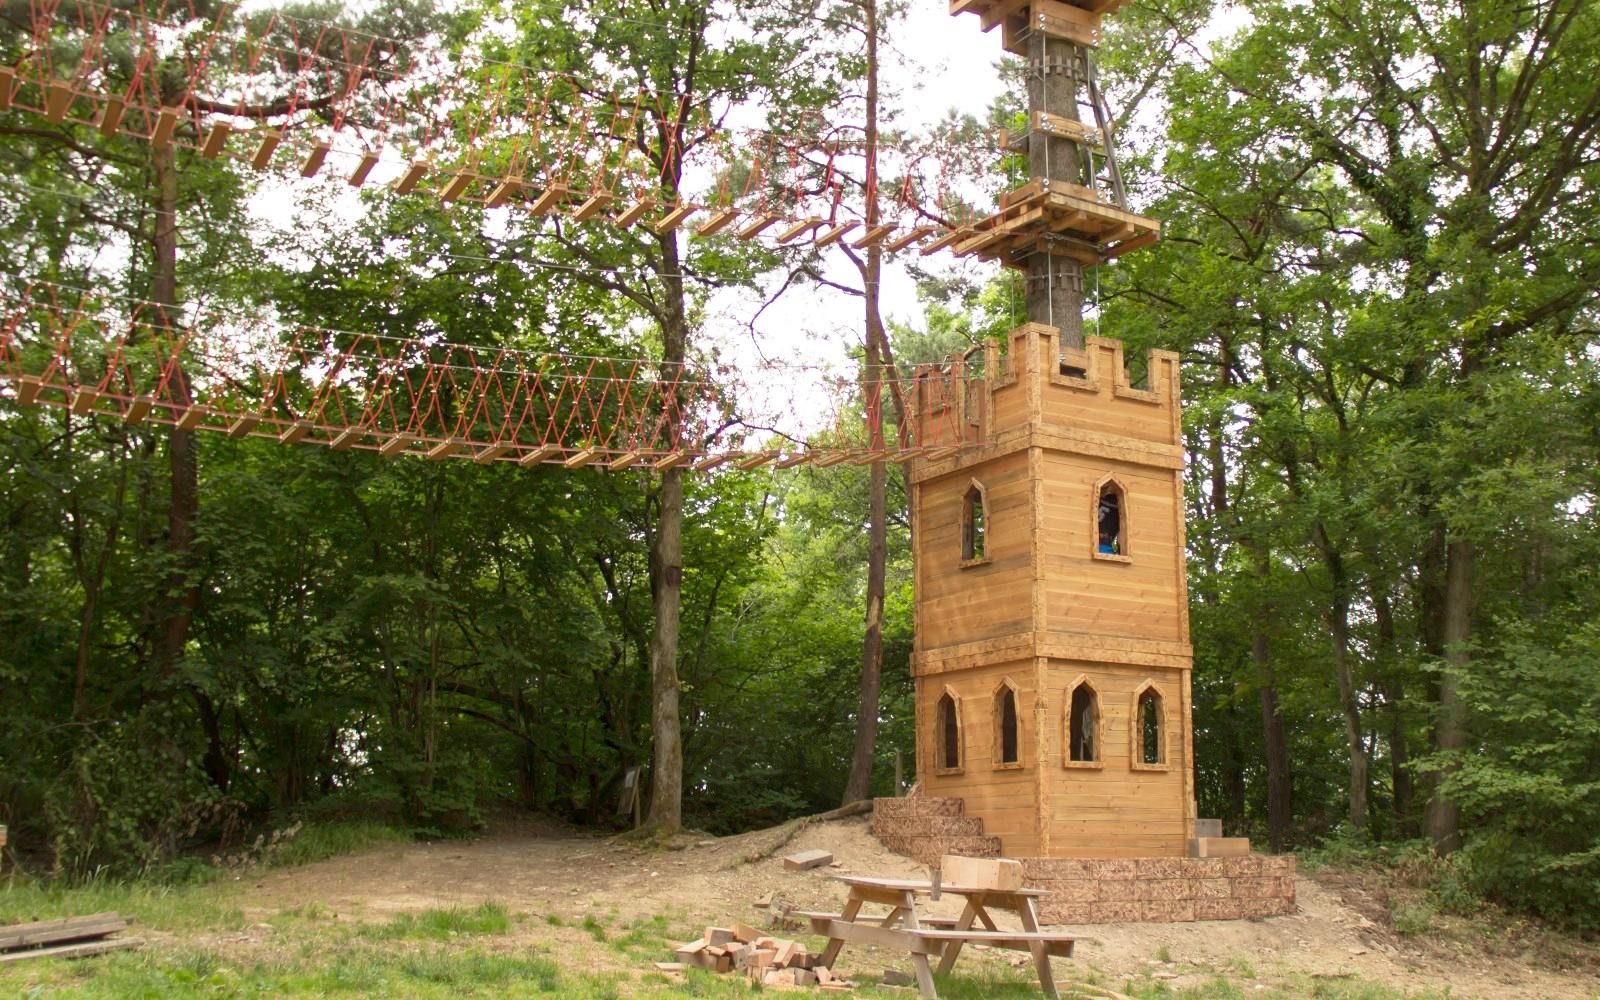 Neuer Holzturm als Einstieg zur langen Seilrutsche